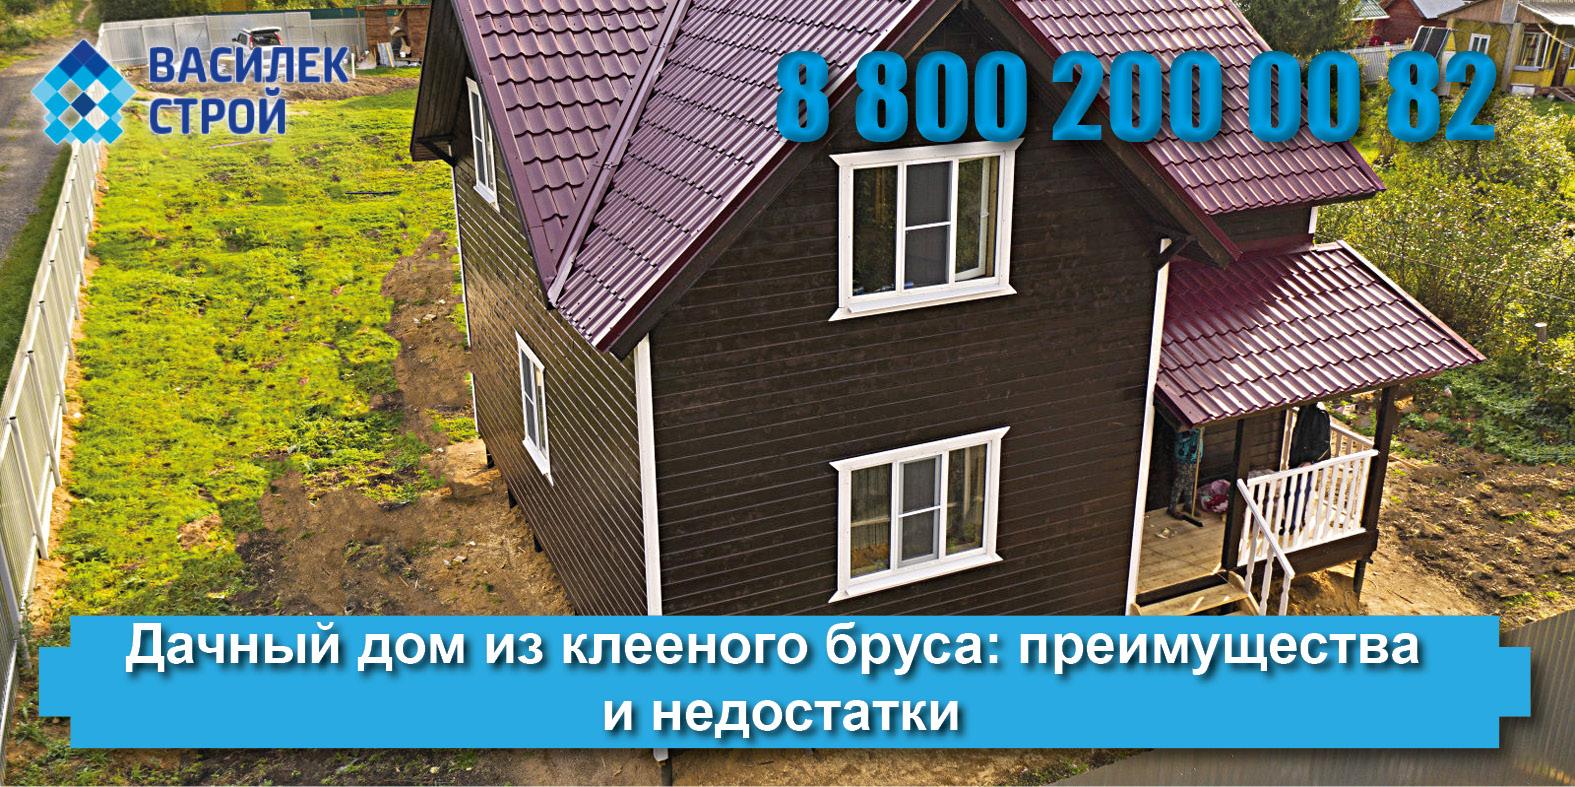 Строим небольшие дачные дома из клееного бруса: лучшие бесплатные проекты дачных домов предоставляем всем клиентам